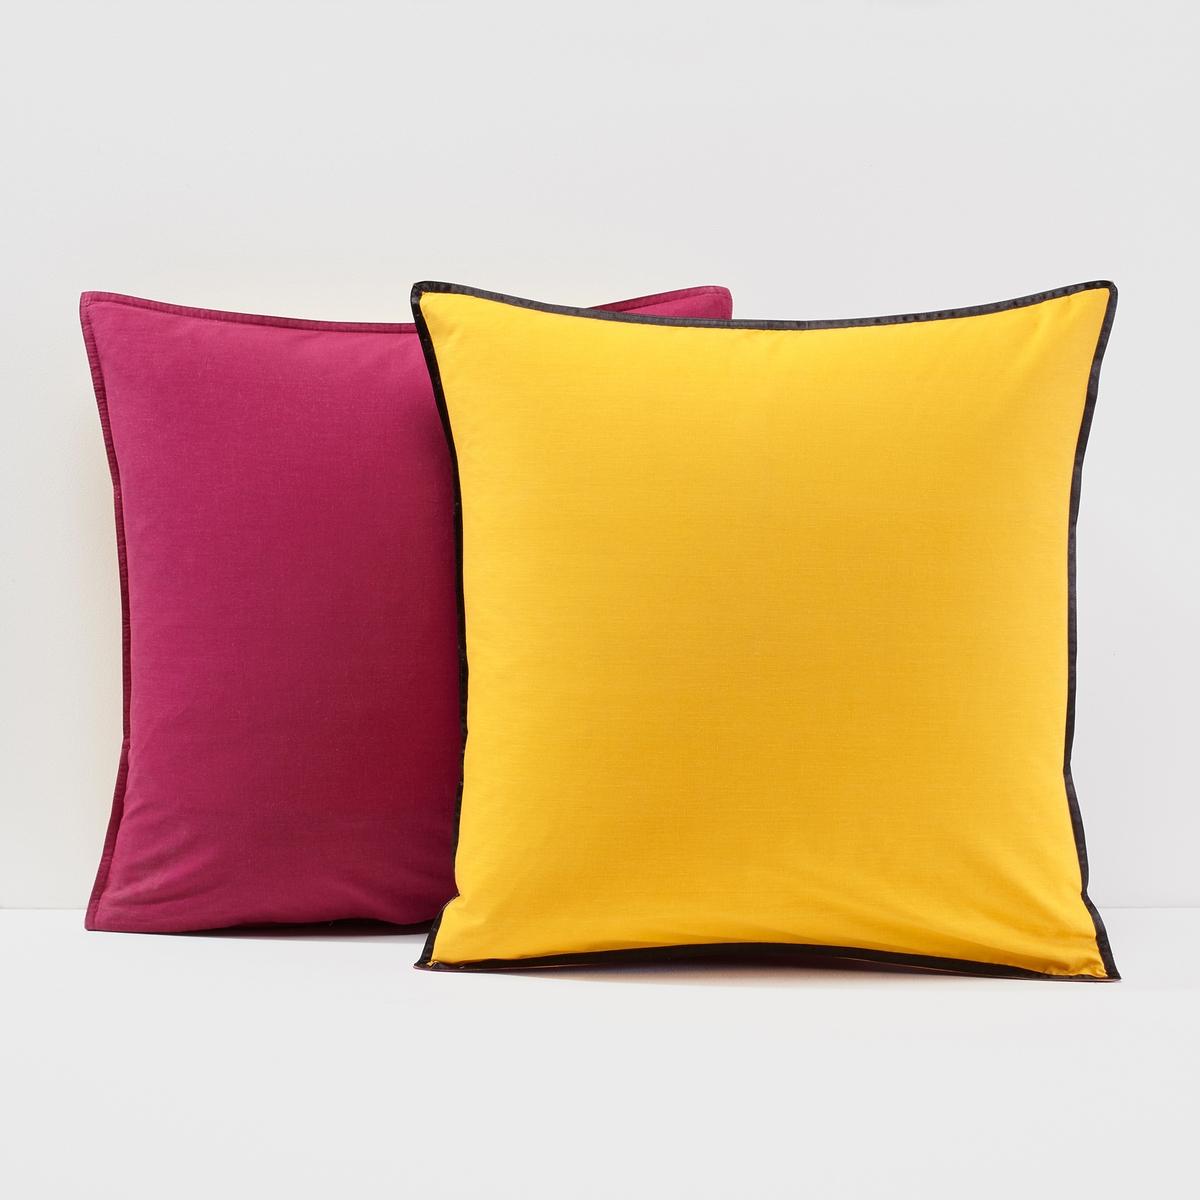 Наволочка на подушку или подушку-валик, Ge?shaНаволочка на подушку или подушку-валик, Ge?sha . Теплые цвета, окаймление косой бейкой из черного атласа, и отделка фигурными пуговицами. Характеристики наволочки Ge?sha: Наволочка квадратной и прямоугольной формы: двухцветное. Наволочка для подушки-валика: однотонная.100% хлопок плотного переплетения (57 нитей/см?): чем больше количество нитей /см? ,тем выше качество.Стирать при 60°.Знак качества Oeko-Tex® гарантирует, что продукция прошла проверку и не содержит в своем составе вредных веществ, представляющих опасность для здоровья человека.Найдите комплект постельного белья по ключевому слову Ge?sha на сайте laredoute.ruРазмер на выбор: 50 x 70 см : прямоугольная наволочка63 x 63 см: квадратная наволочка85 x 185 см: наволочка на подушку-валик.<br><br>Цвет: шафран/пурпурный